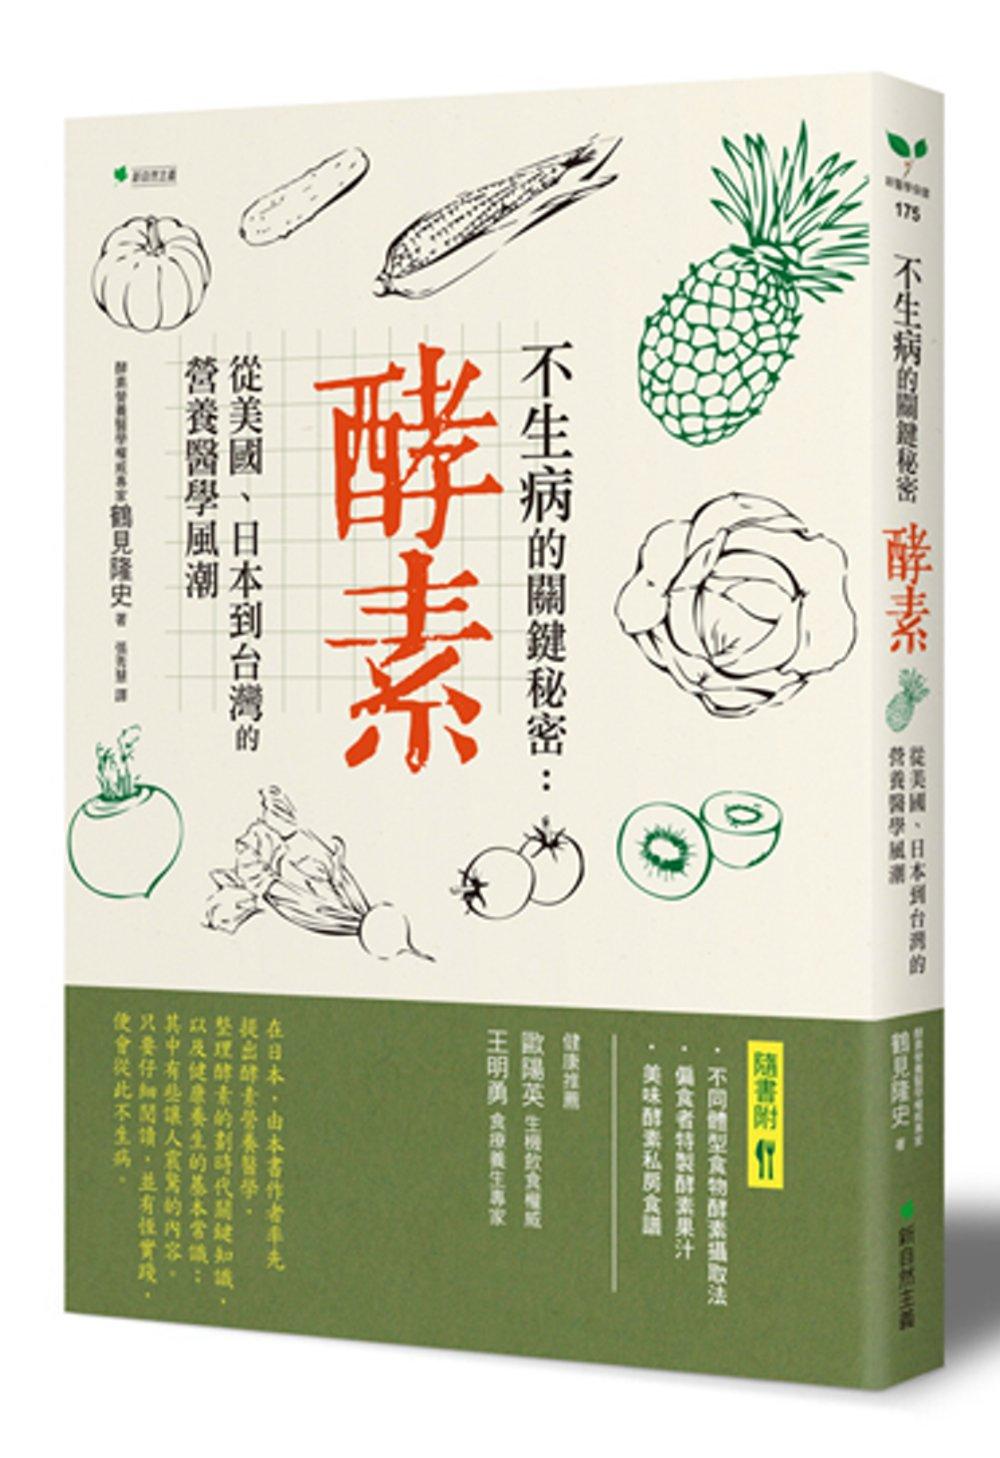 不生病的關鍵秘密 酵素:從美國、日本到台灣的營養醫學風潮(二版)